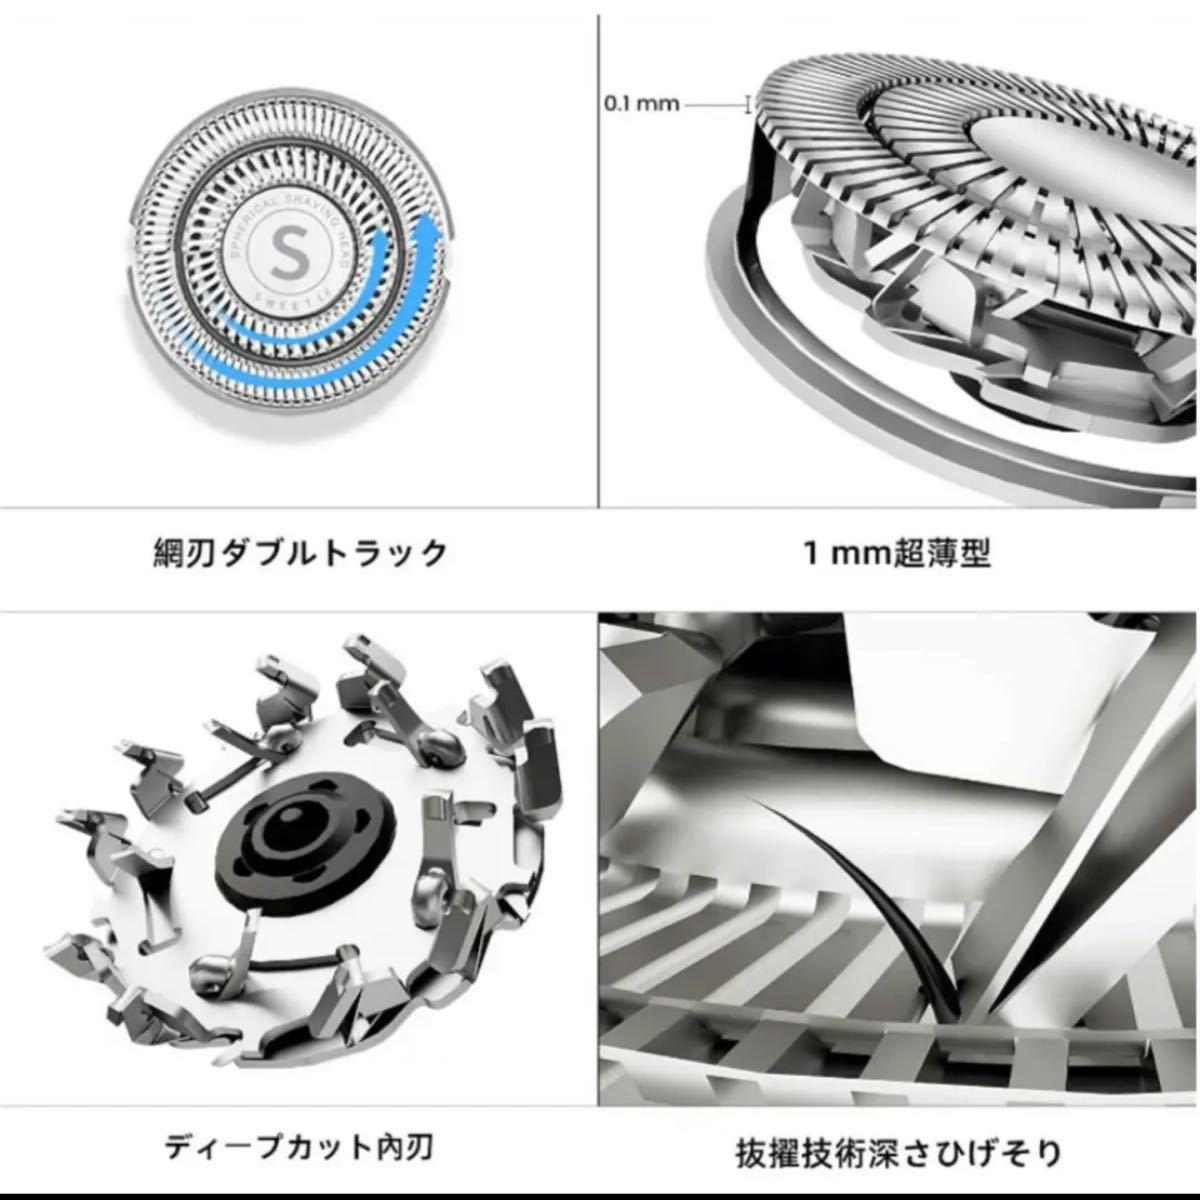 メンズ 電気シェーバー ひげそり 3枚刃 USB充電式 IPX7防水 トリマー